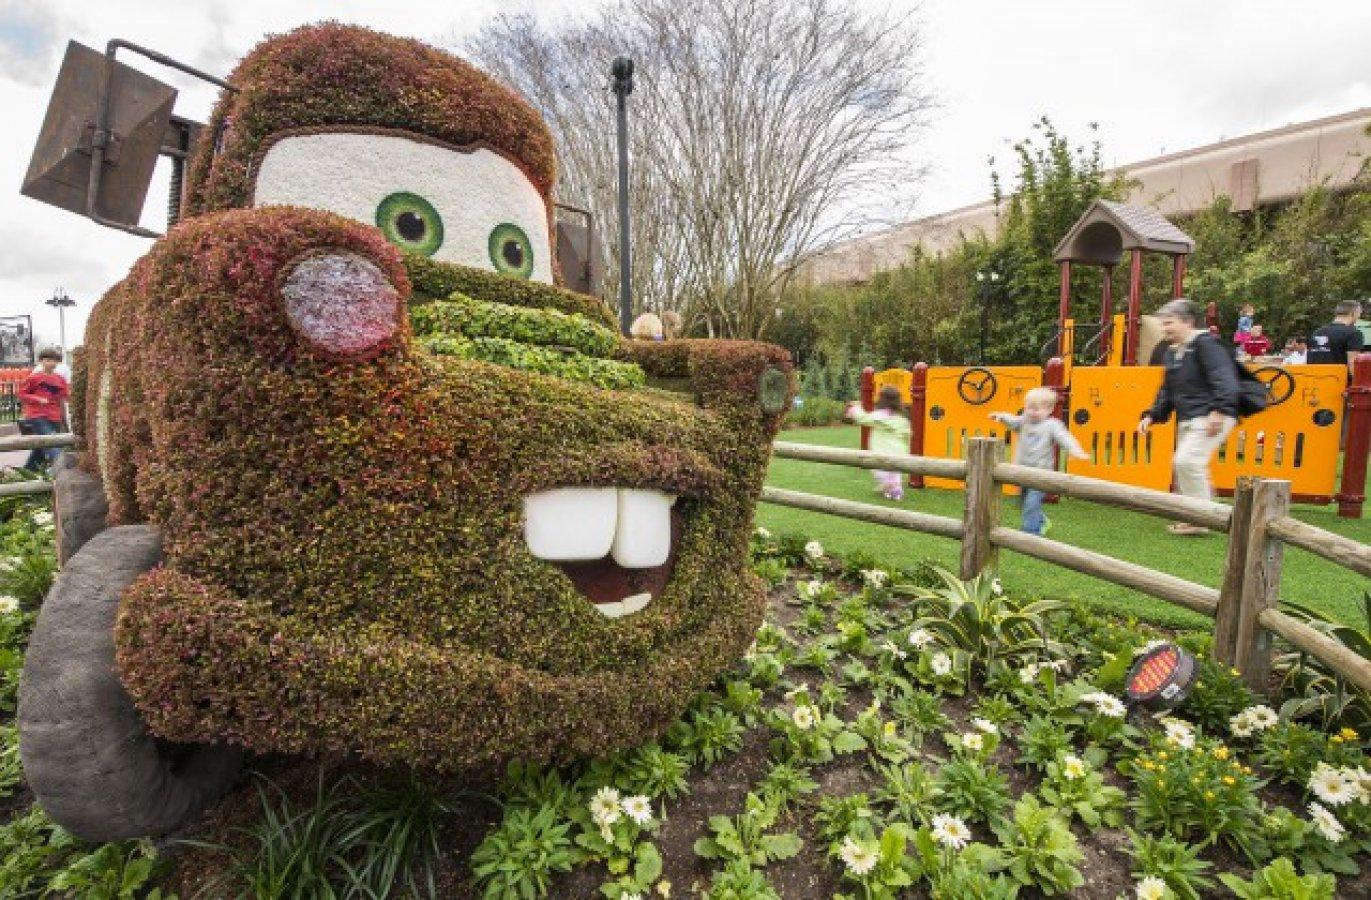 Epcopt Internation Flower & Garden Festival - Cars - Nest Full of New